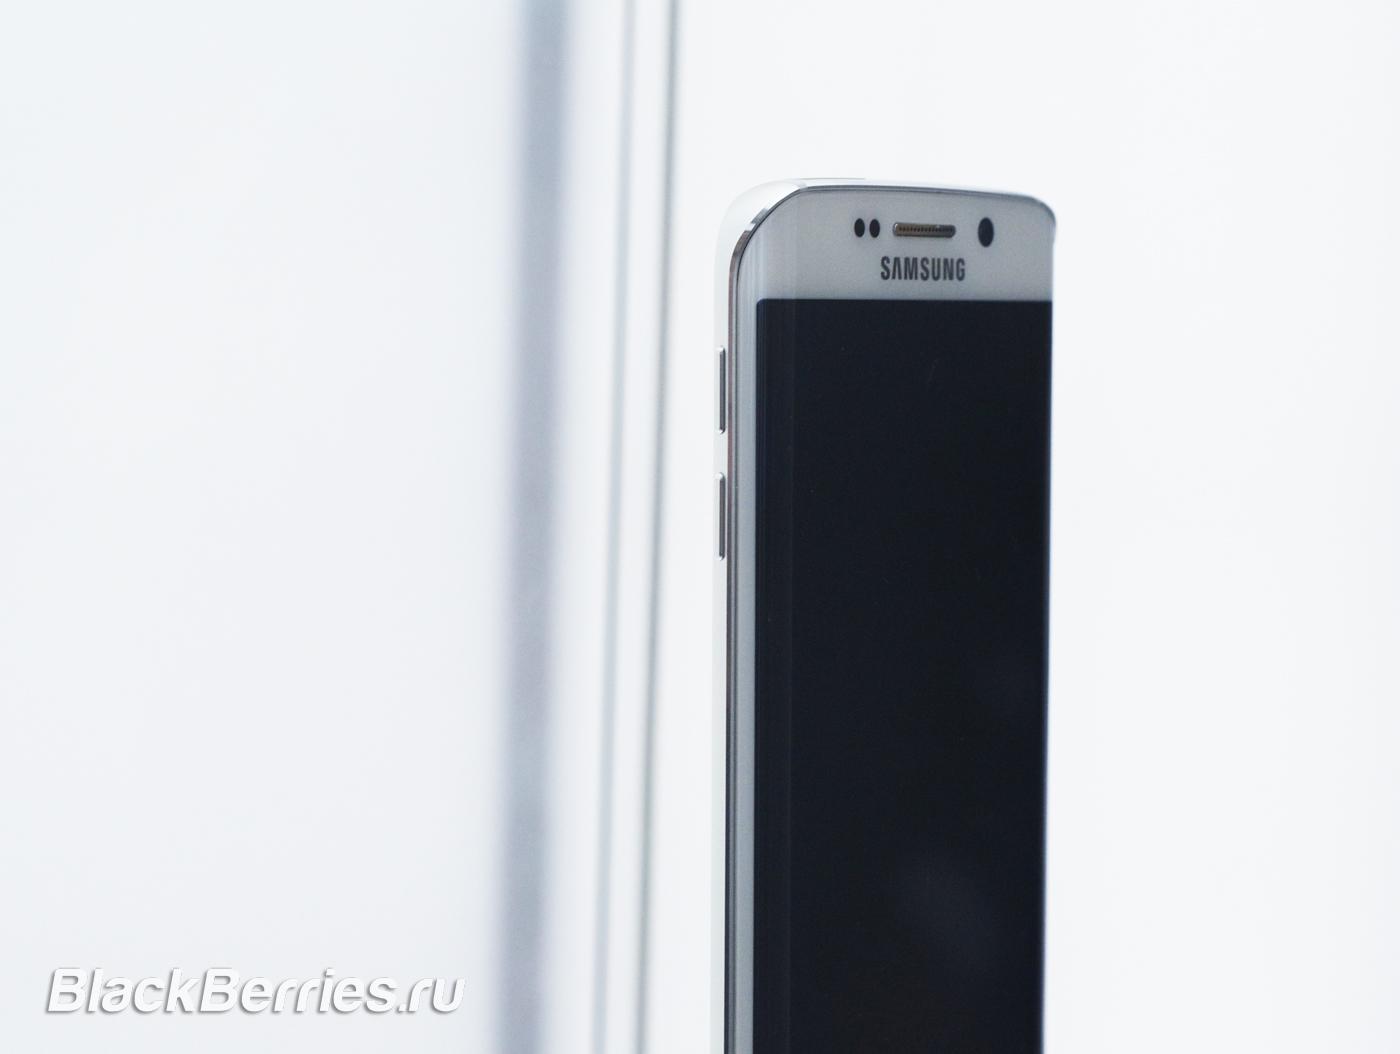 Samsung-Galaxy-S6-6